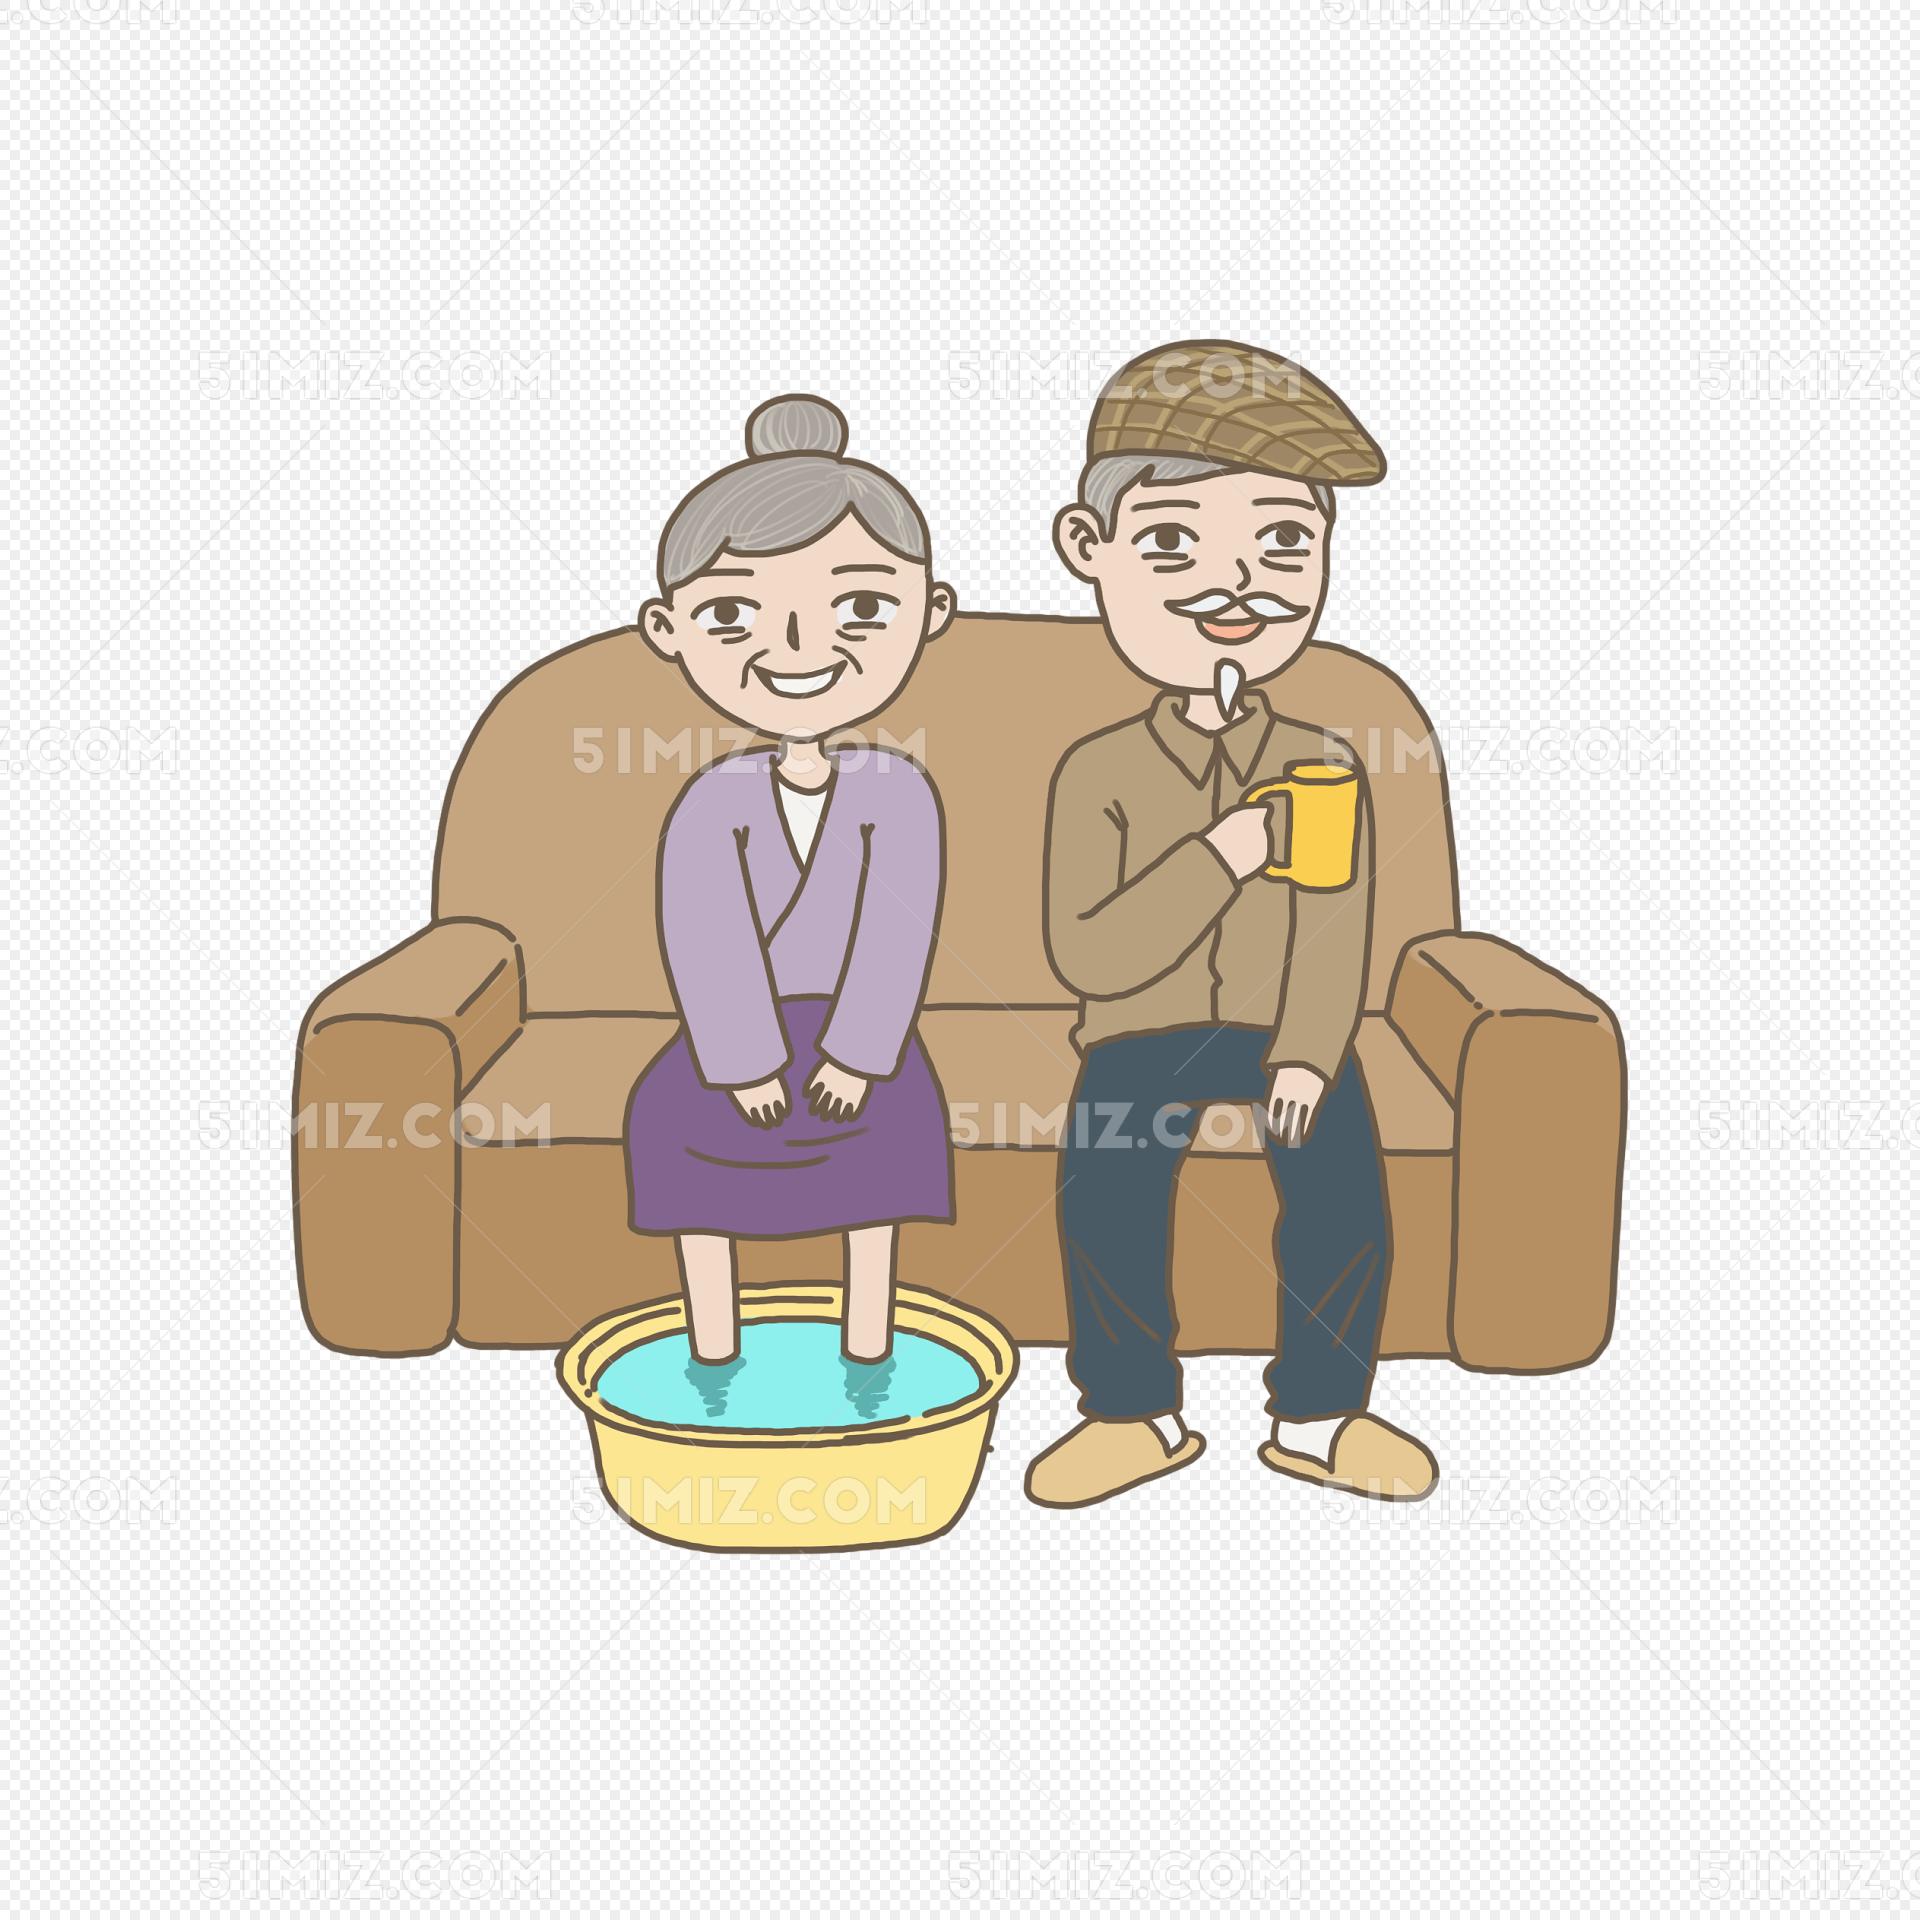 重阳节手绘插画给老人泡脚递茶免图片